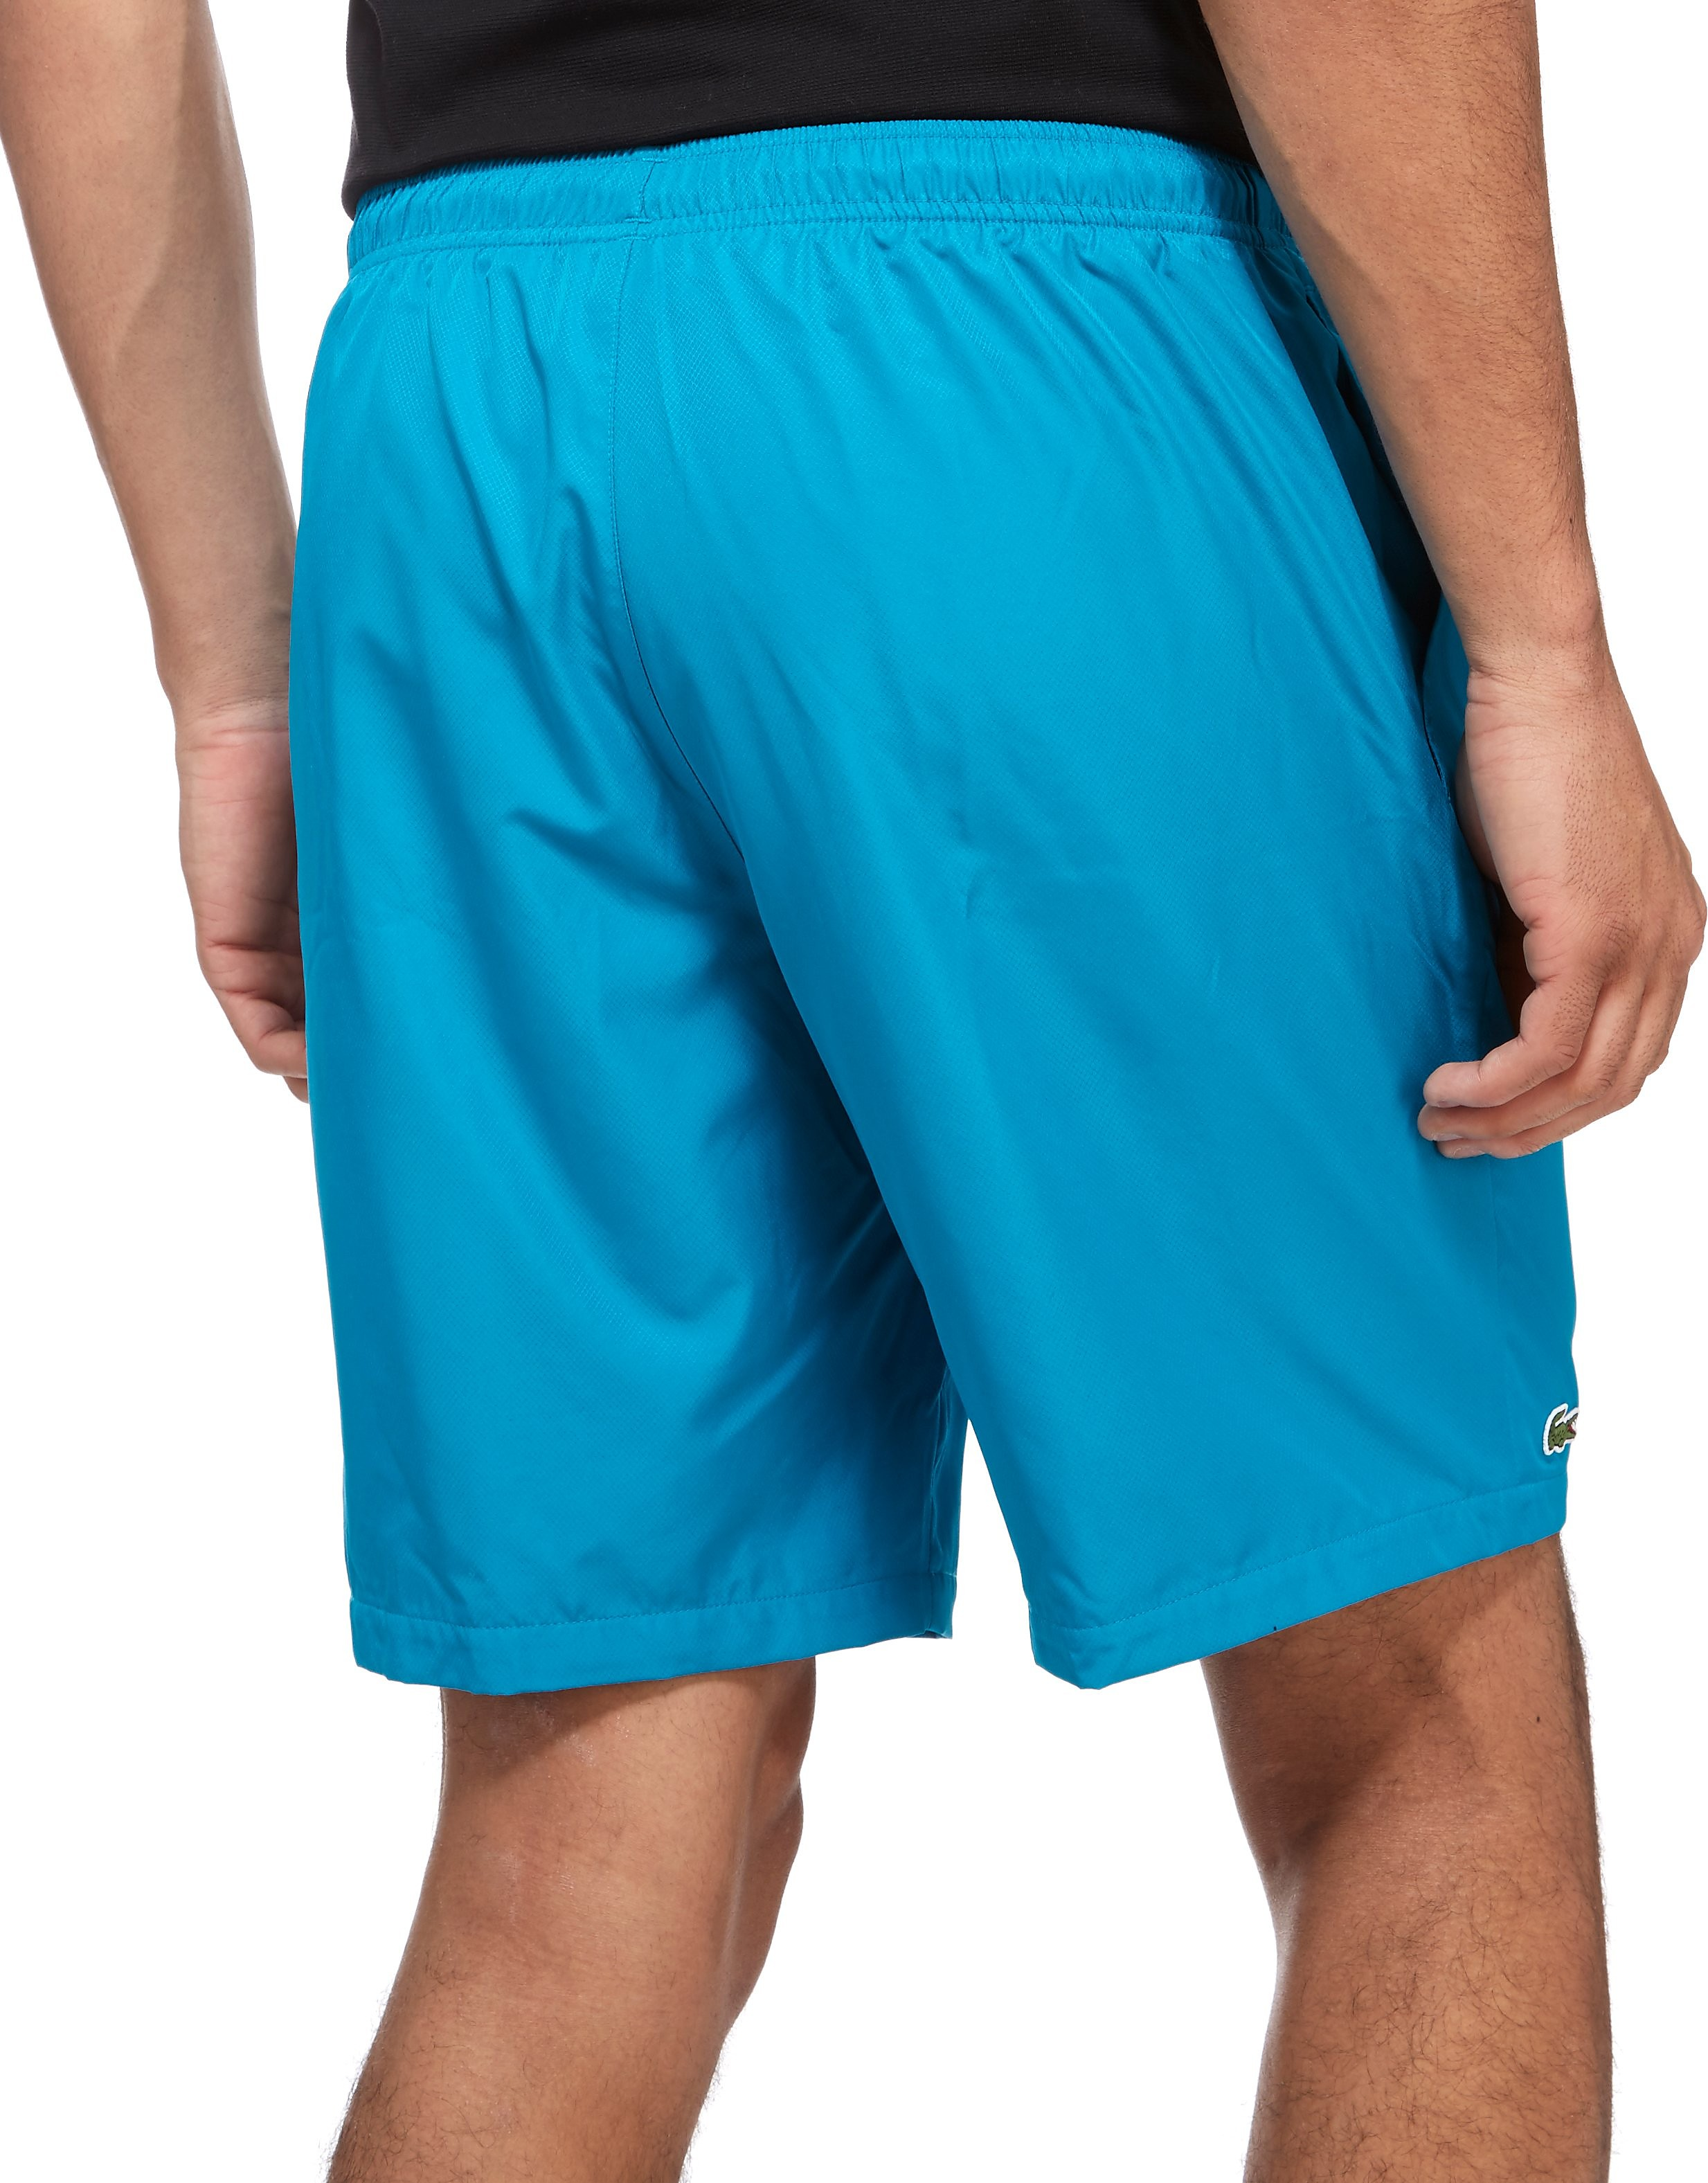 Lacoste Quartier Shorts